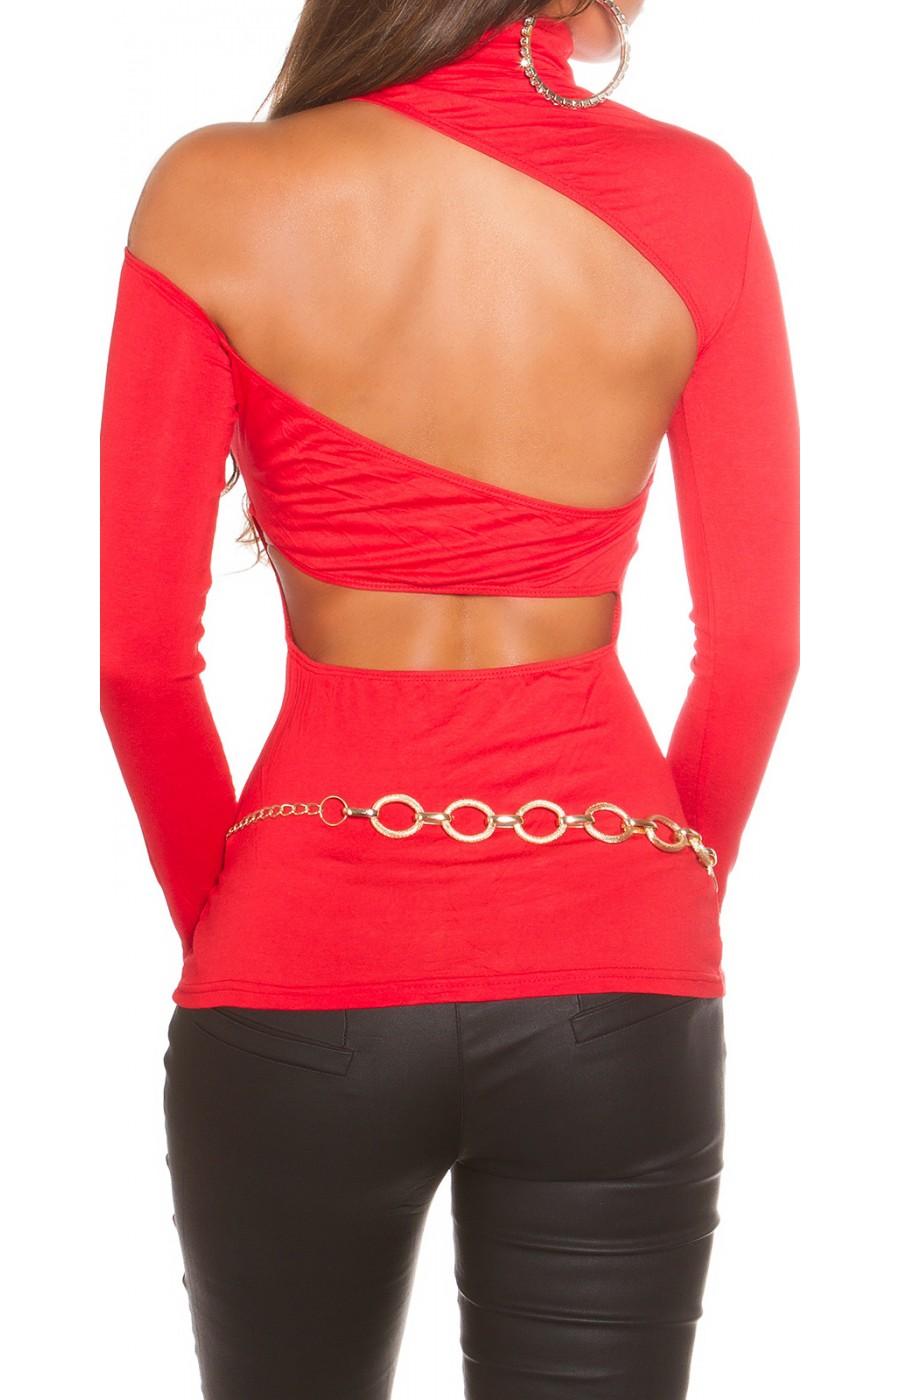 Μπλουζα με ανοικτη πλατη One size κόκκινη